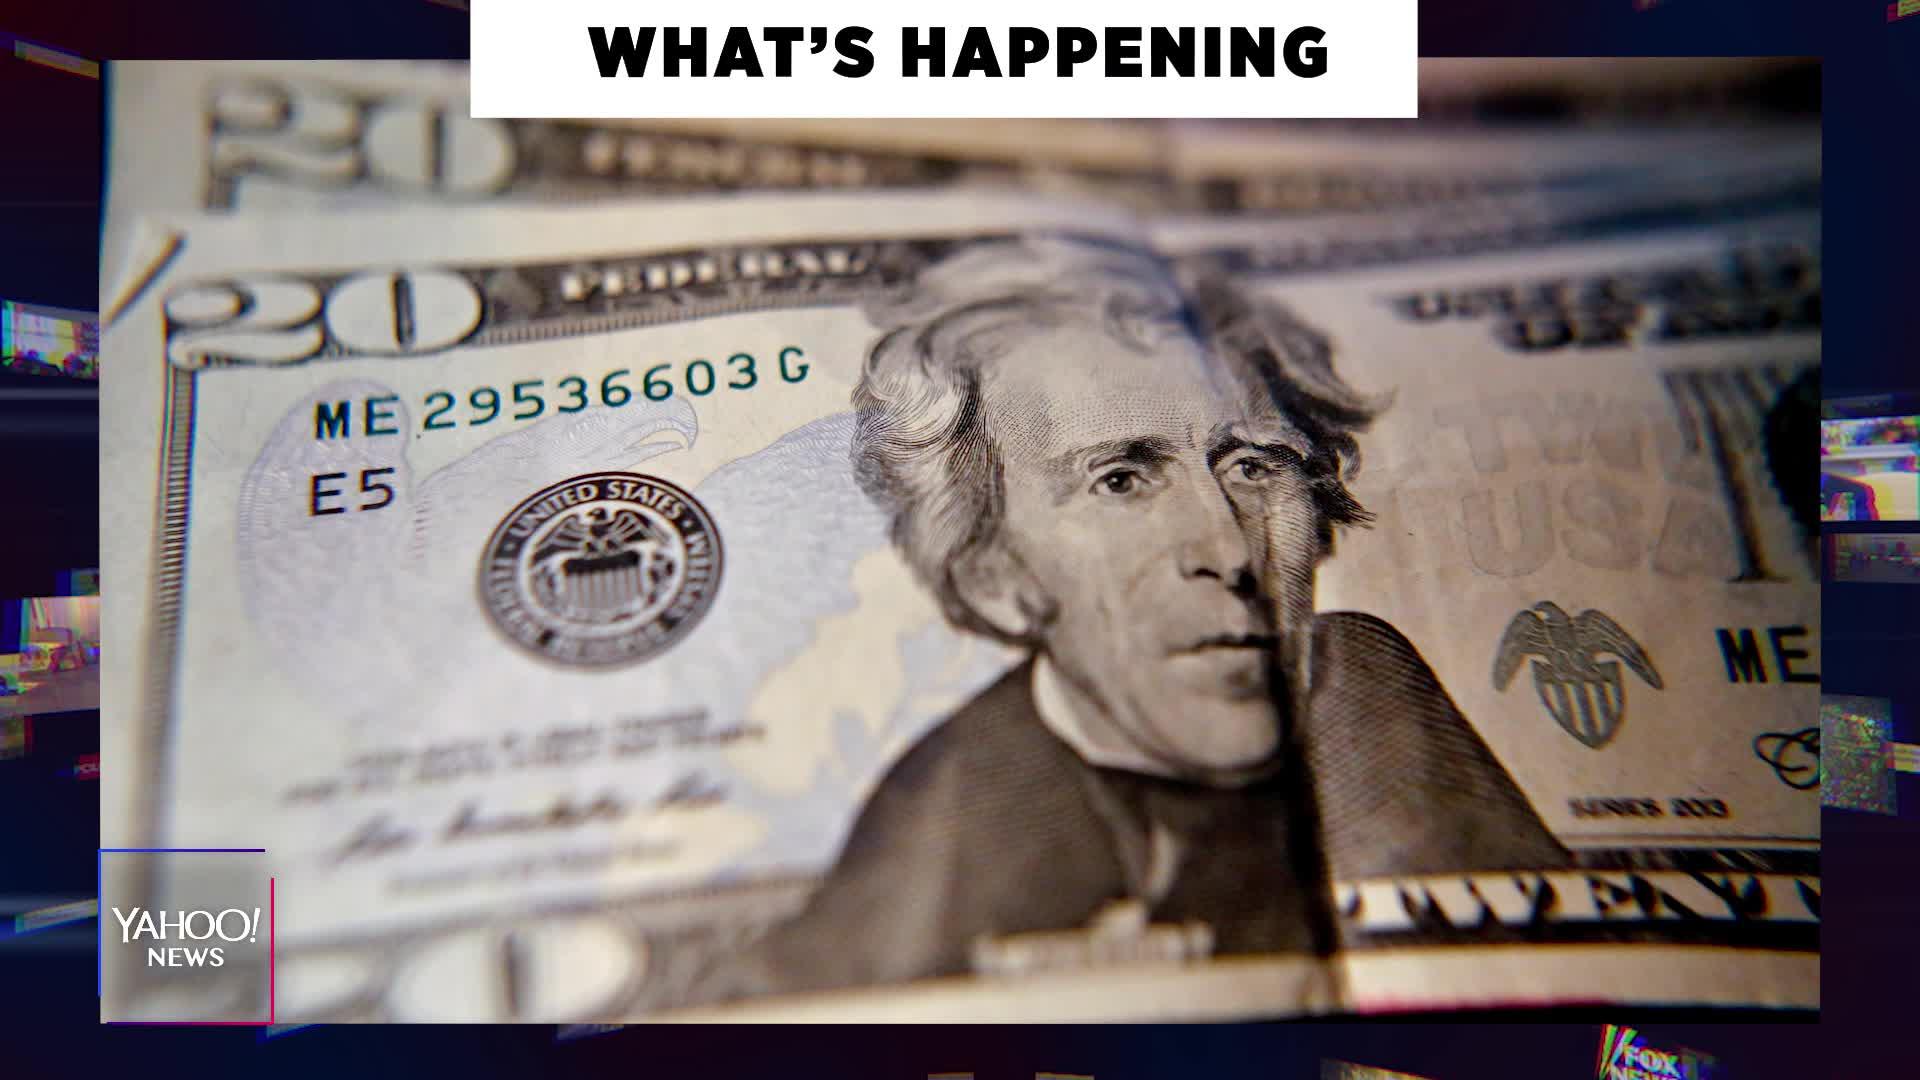 Top Democrats Slam Trump Administration's Delay Of Harriet Tubman $20 Bill